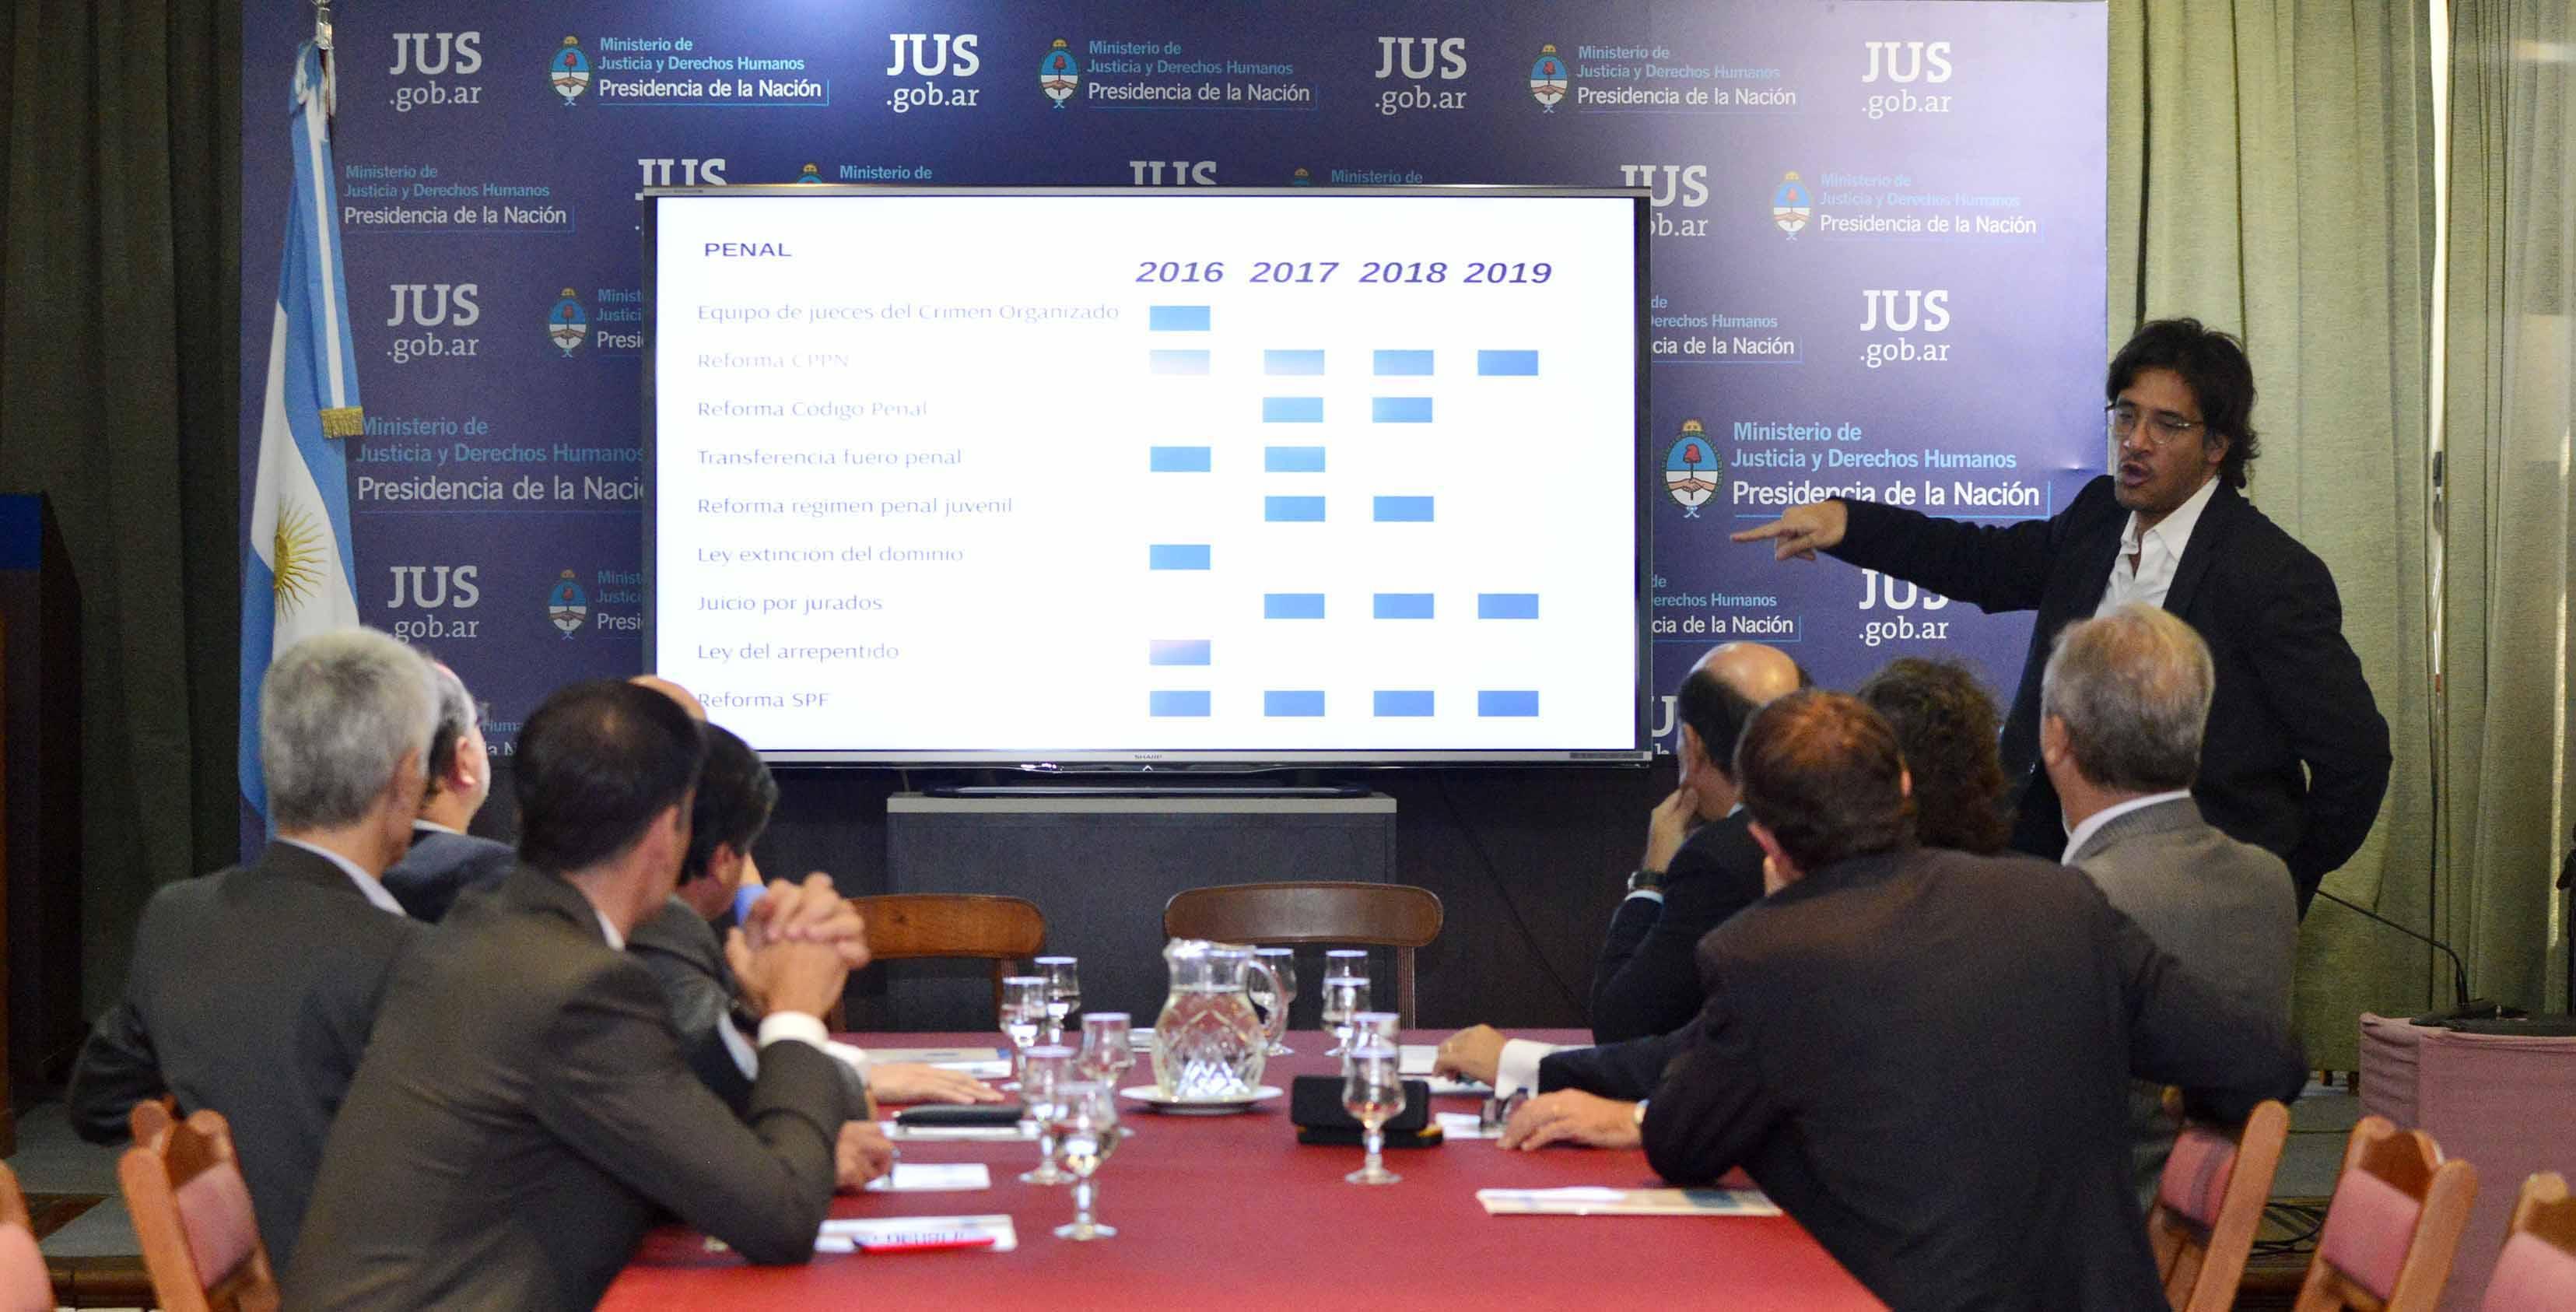 Justicia 2020: continúa el ciclo de presentaciones